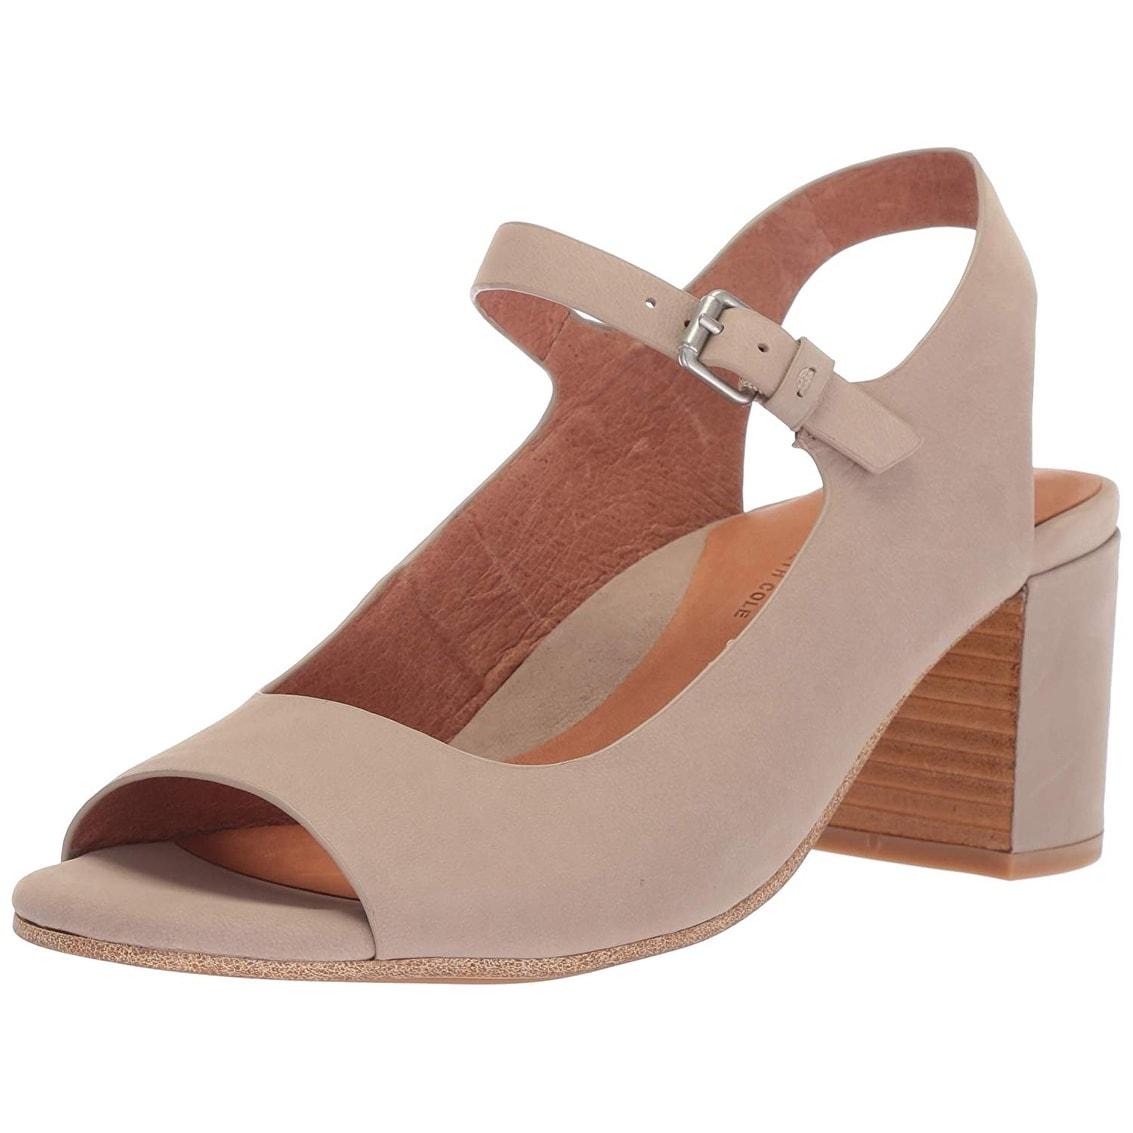 86f76d370e0 Gentle Souls Shoes